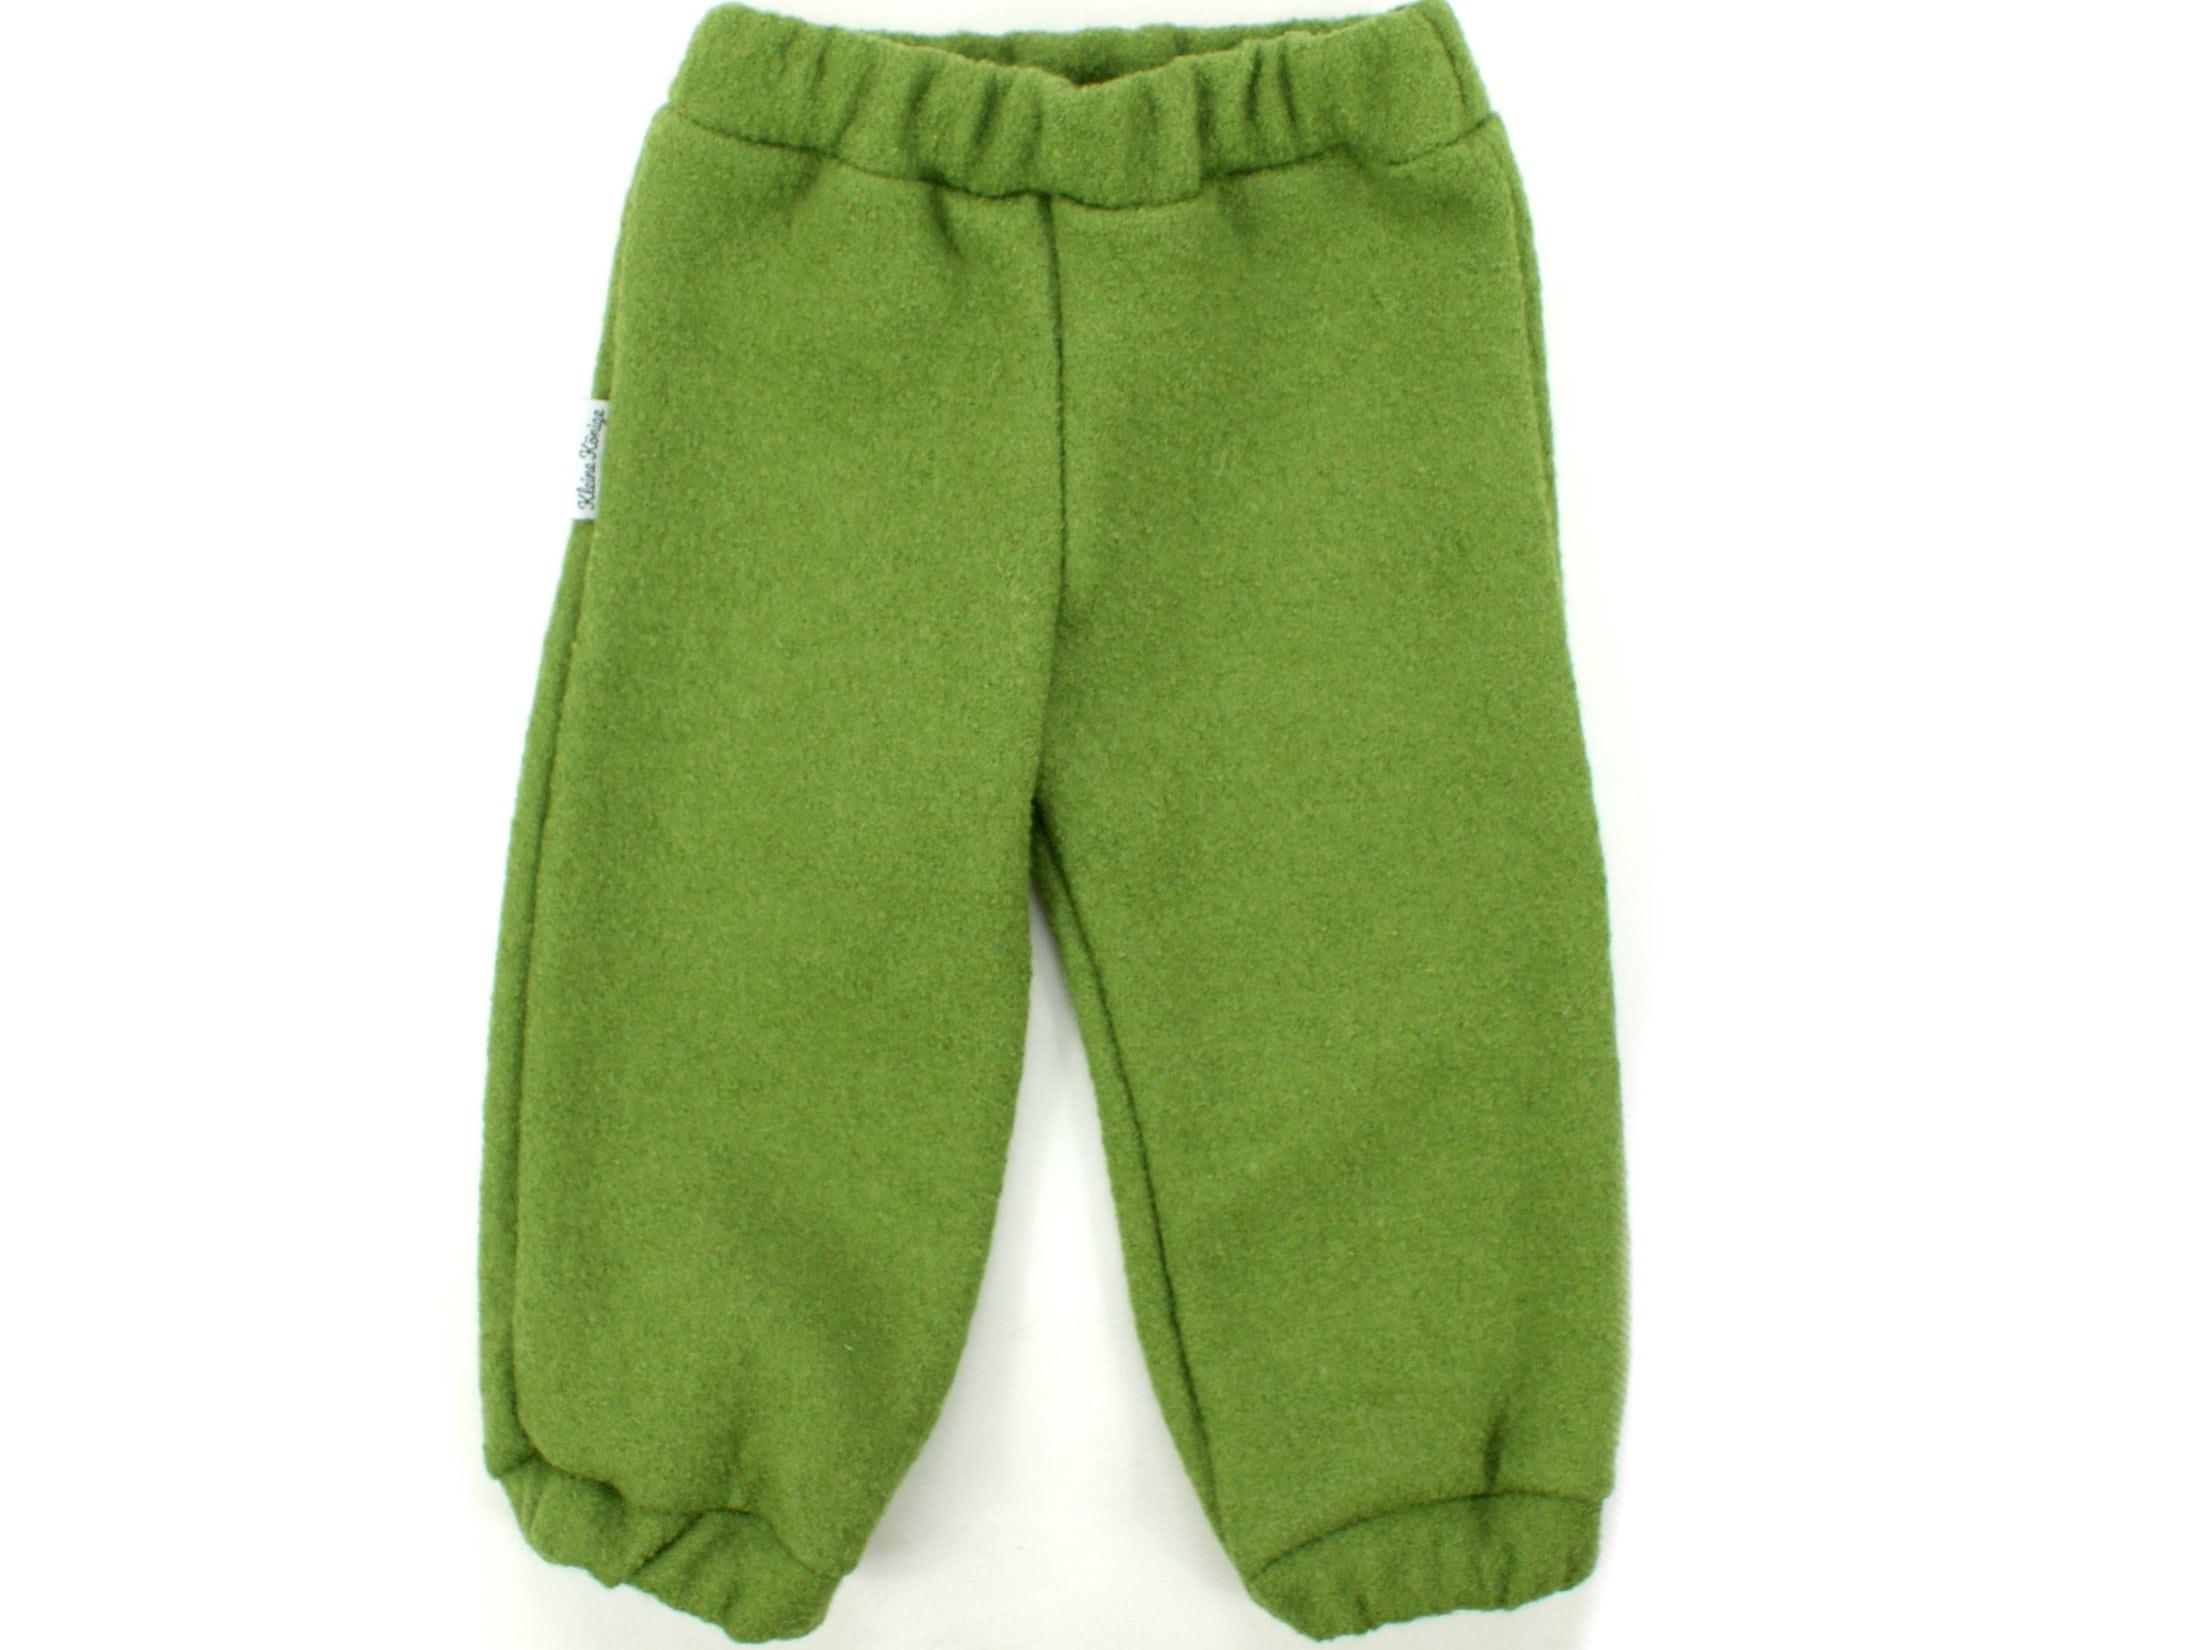 Kinderhose aus Wollwalk in Grün mit Gummizug und Taschen